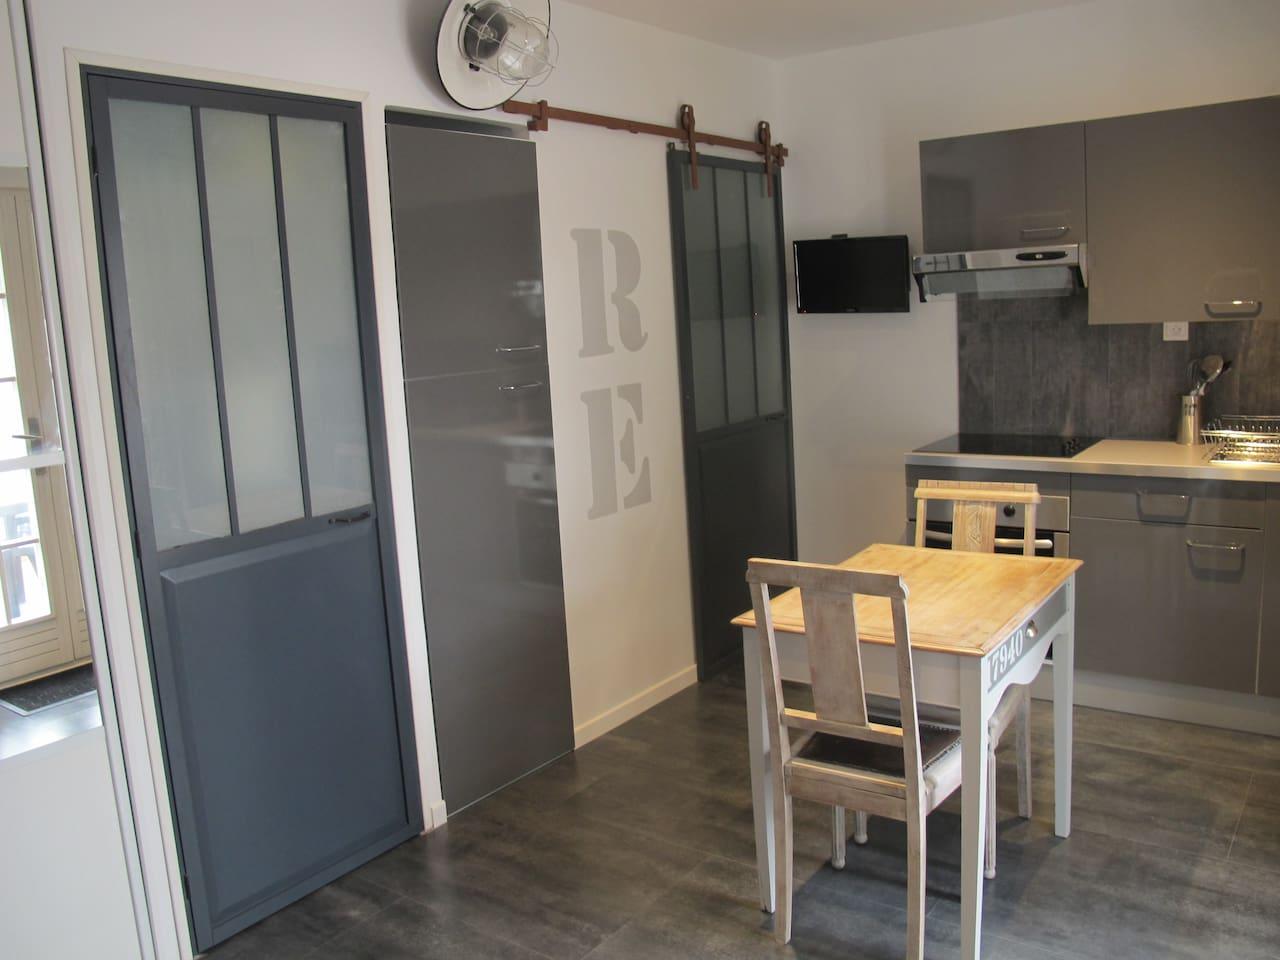 Une pièce pour le lave-linge, fer et table à repasser.